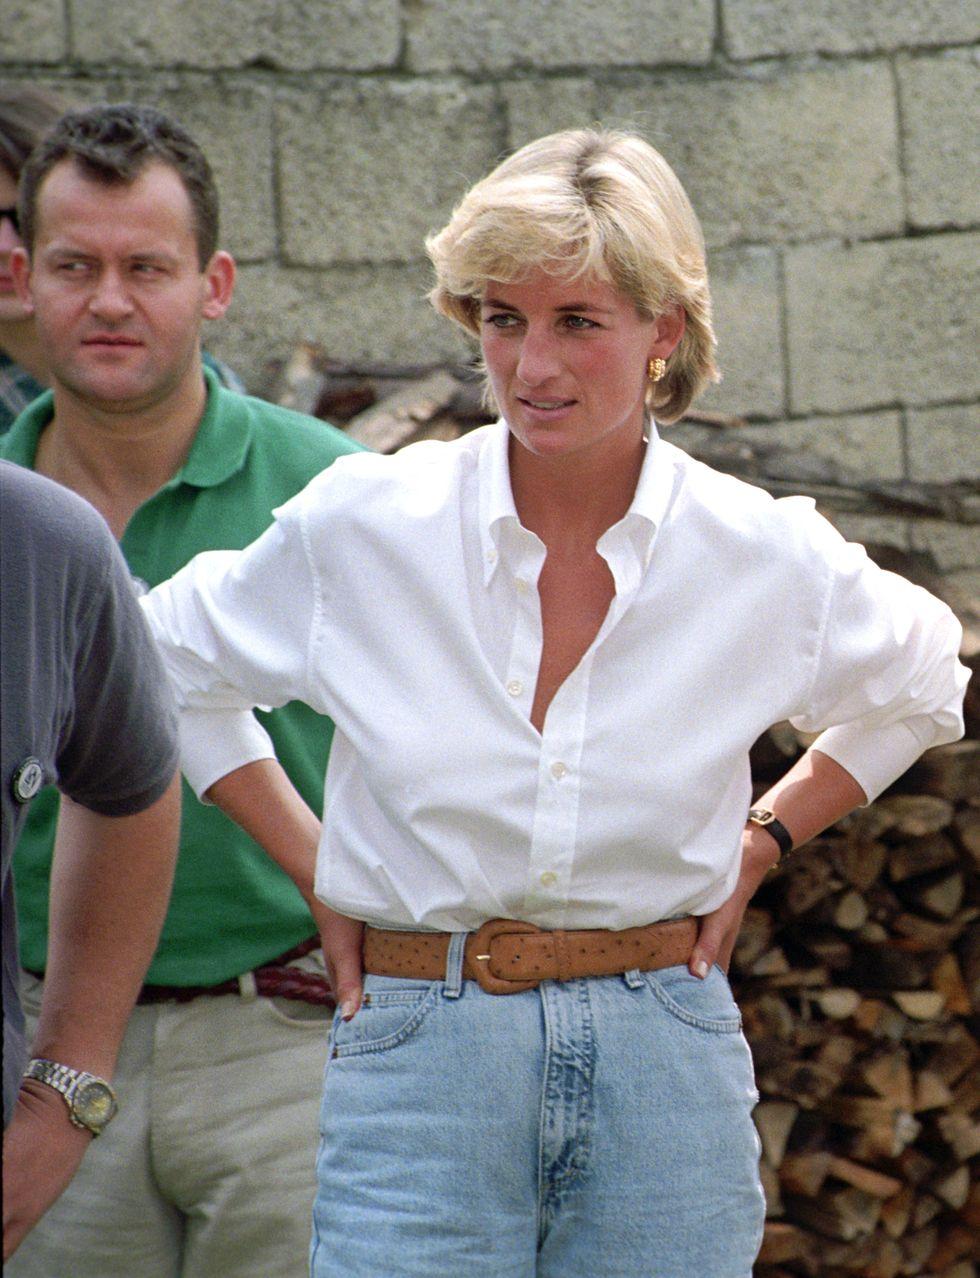 Cố công nương Công nương Diana, 1997 Quần jean luôn là một ý tưởng hay. Ngay cả Di phu nhân cũng nghĩ như vậy. Cô là thành viên hoàng gia đầu tiên được chụp ảnh trong trang phục denim.